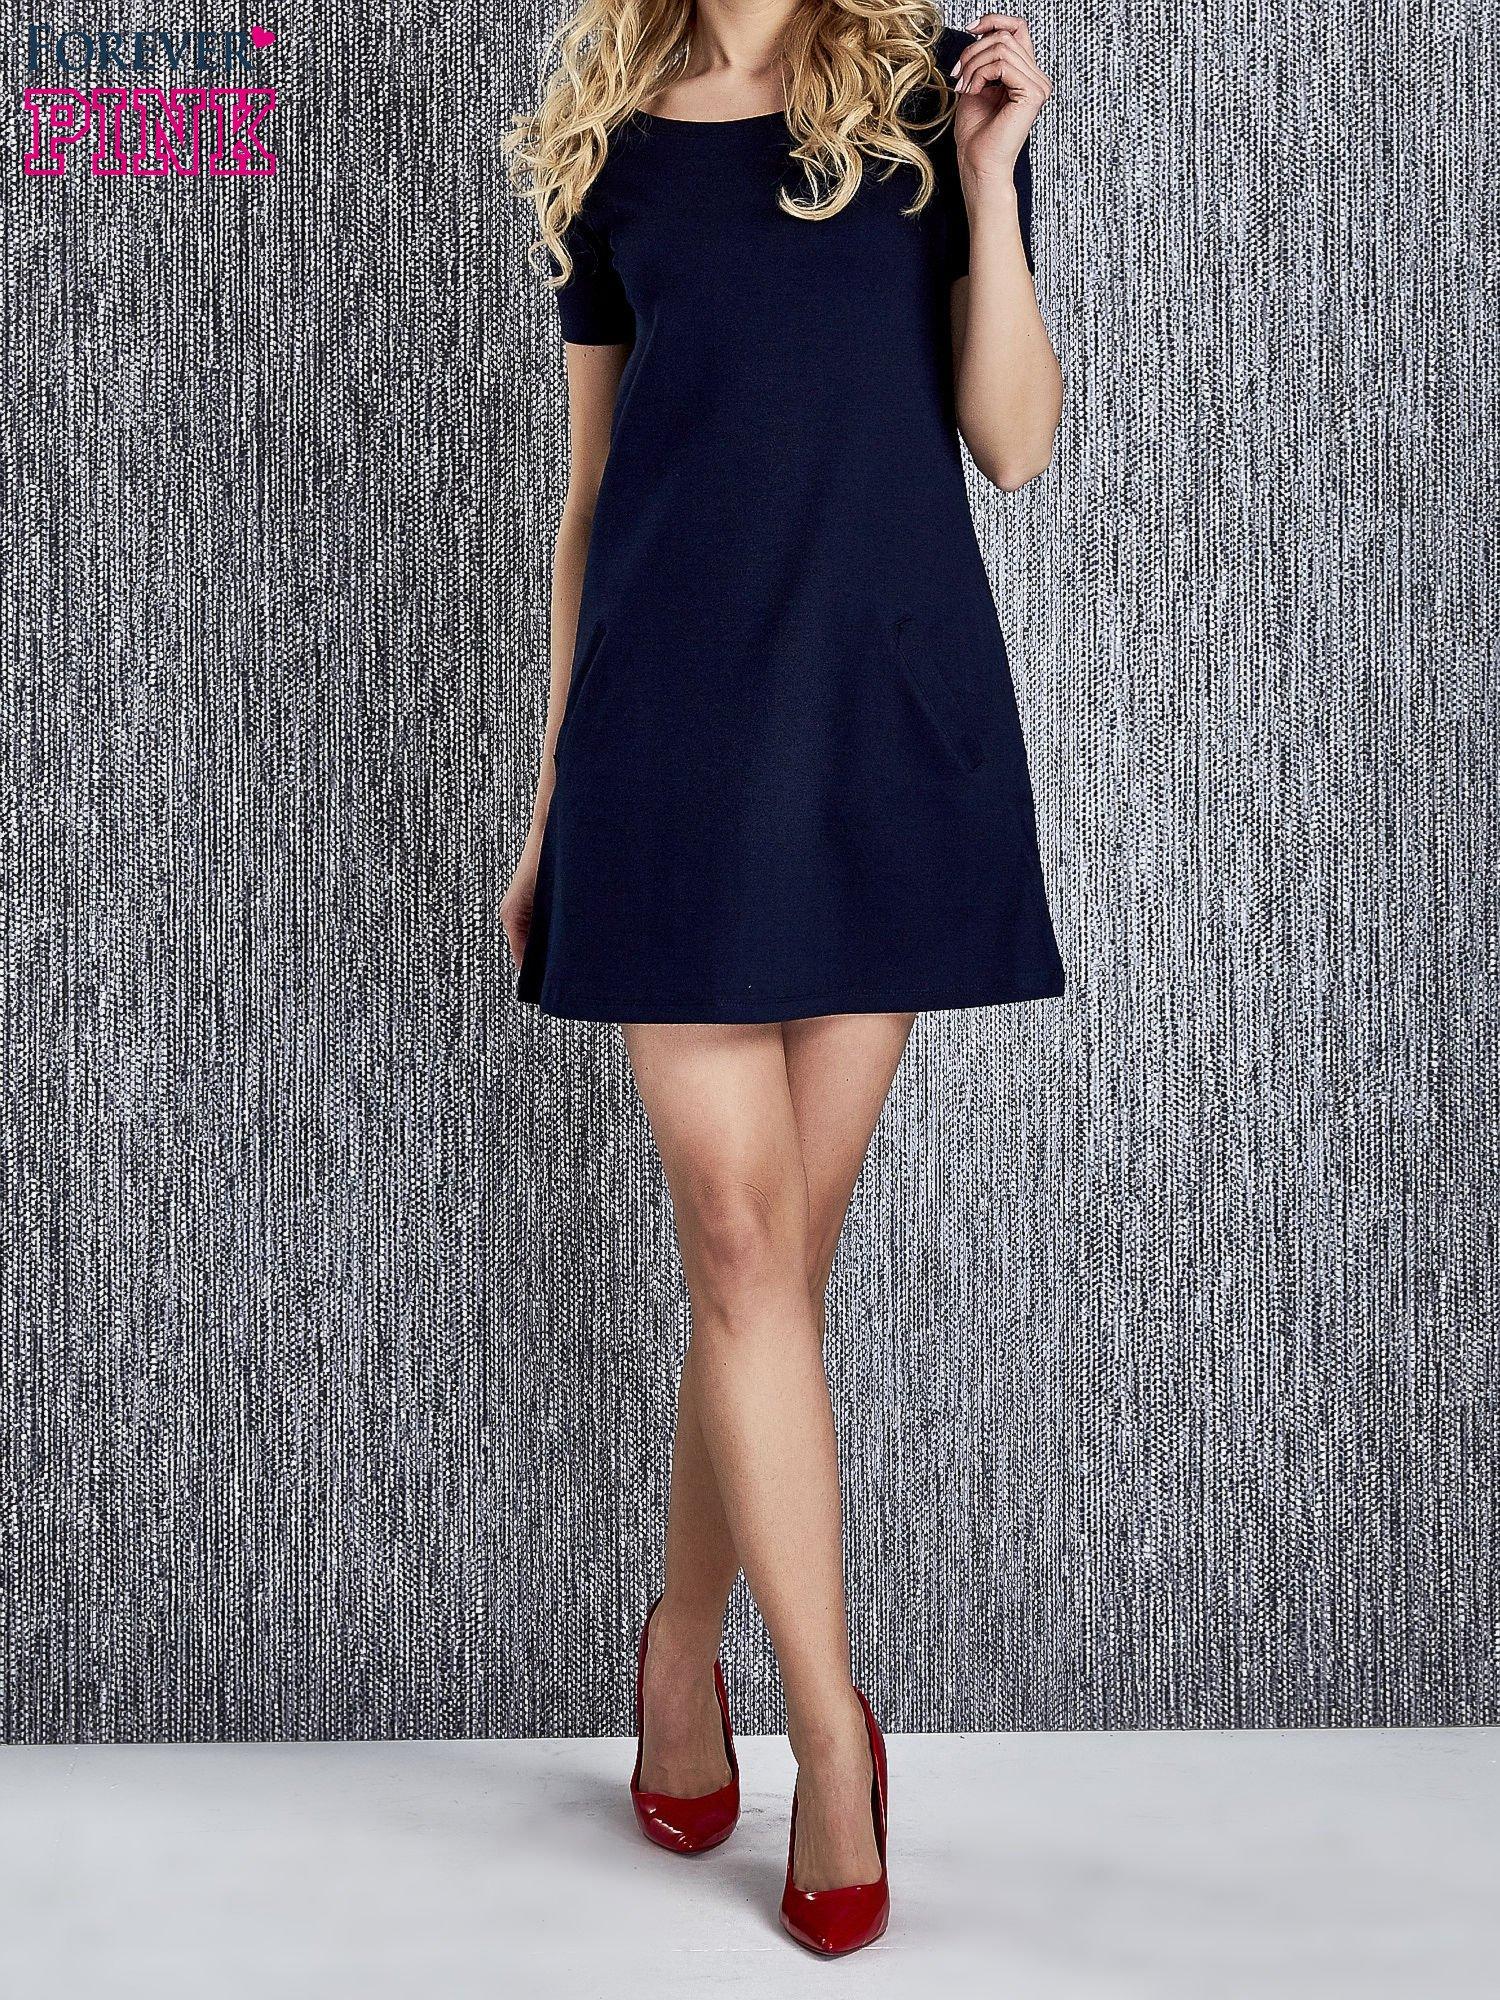 813baeafb1 Granatowa trapezowa sukienka z kieszeniami - Sukienka na co dzień ...